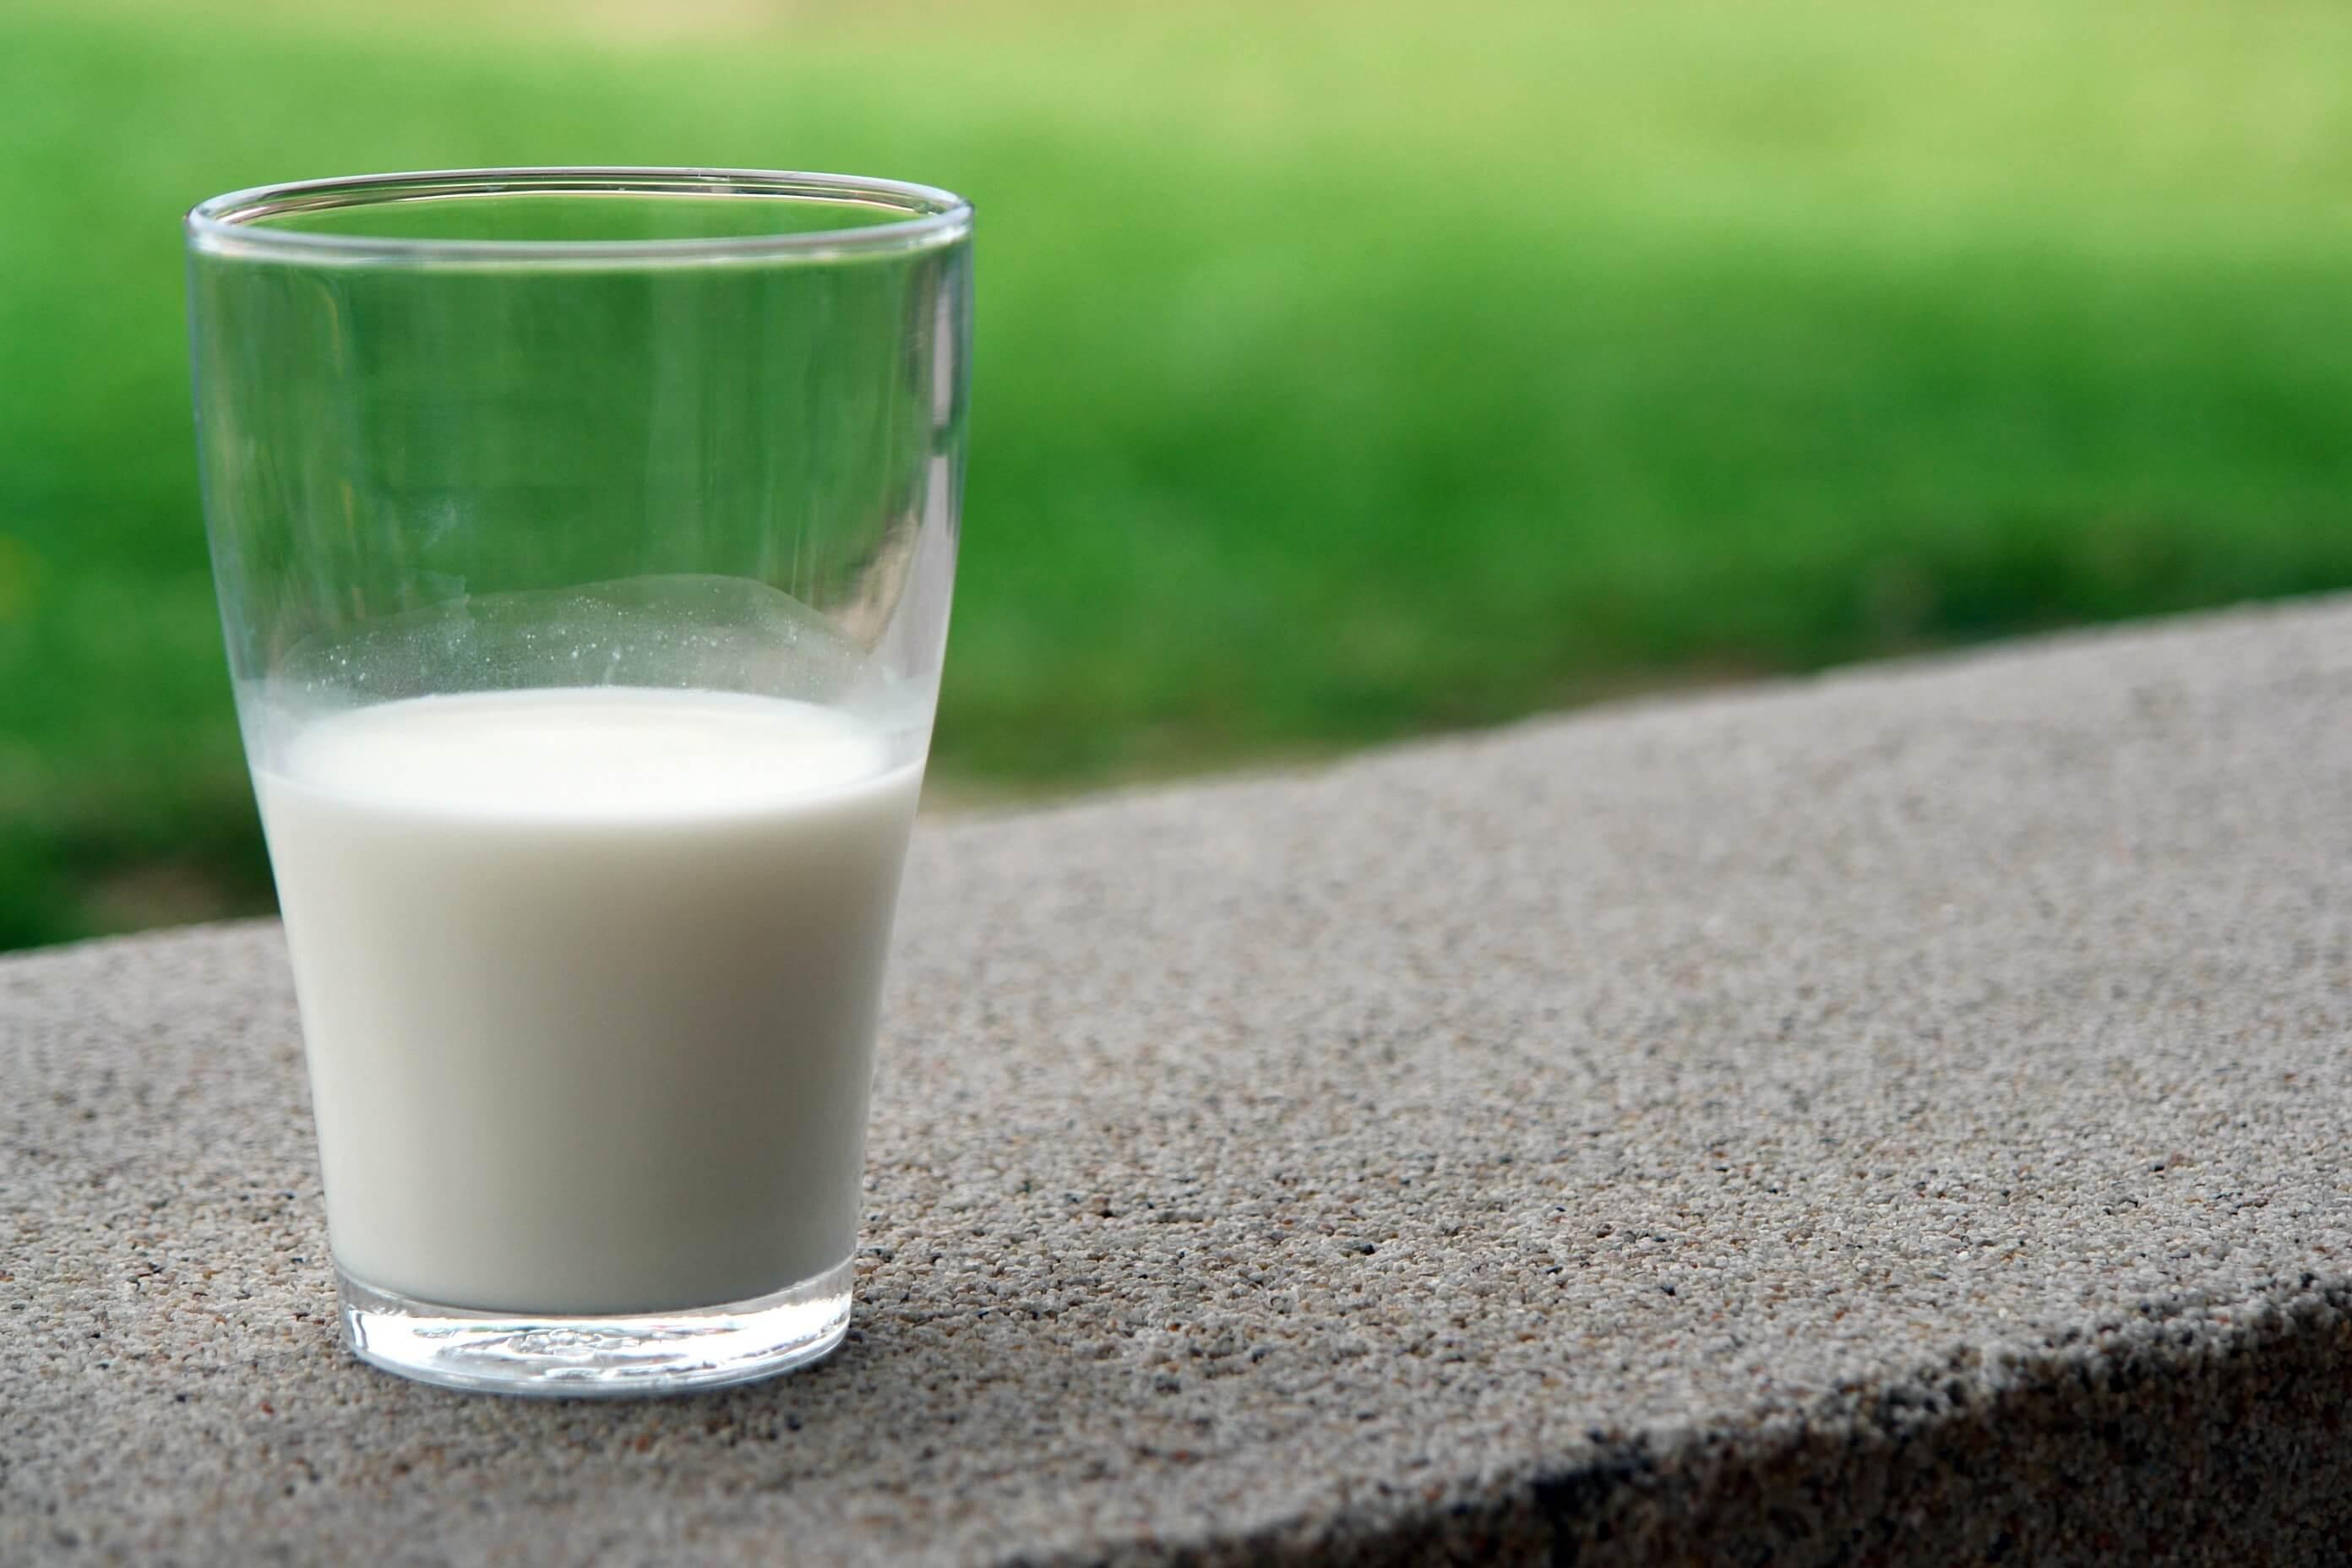 Et glas mælk - Mælk giver bumser